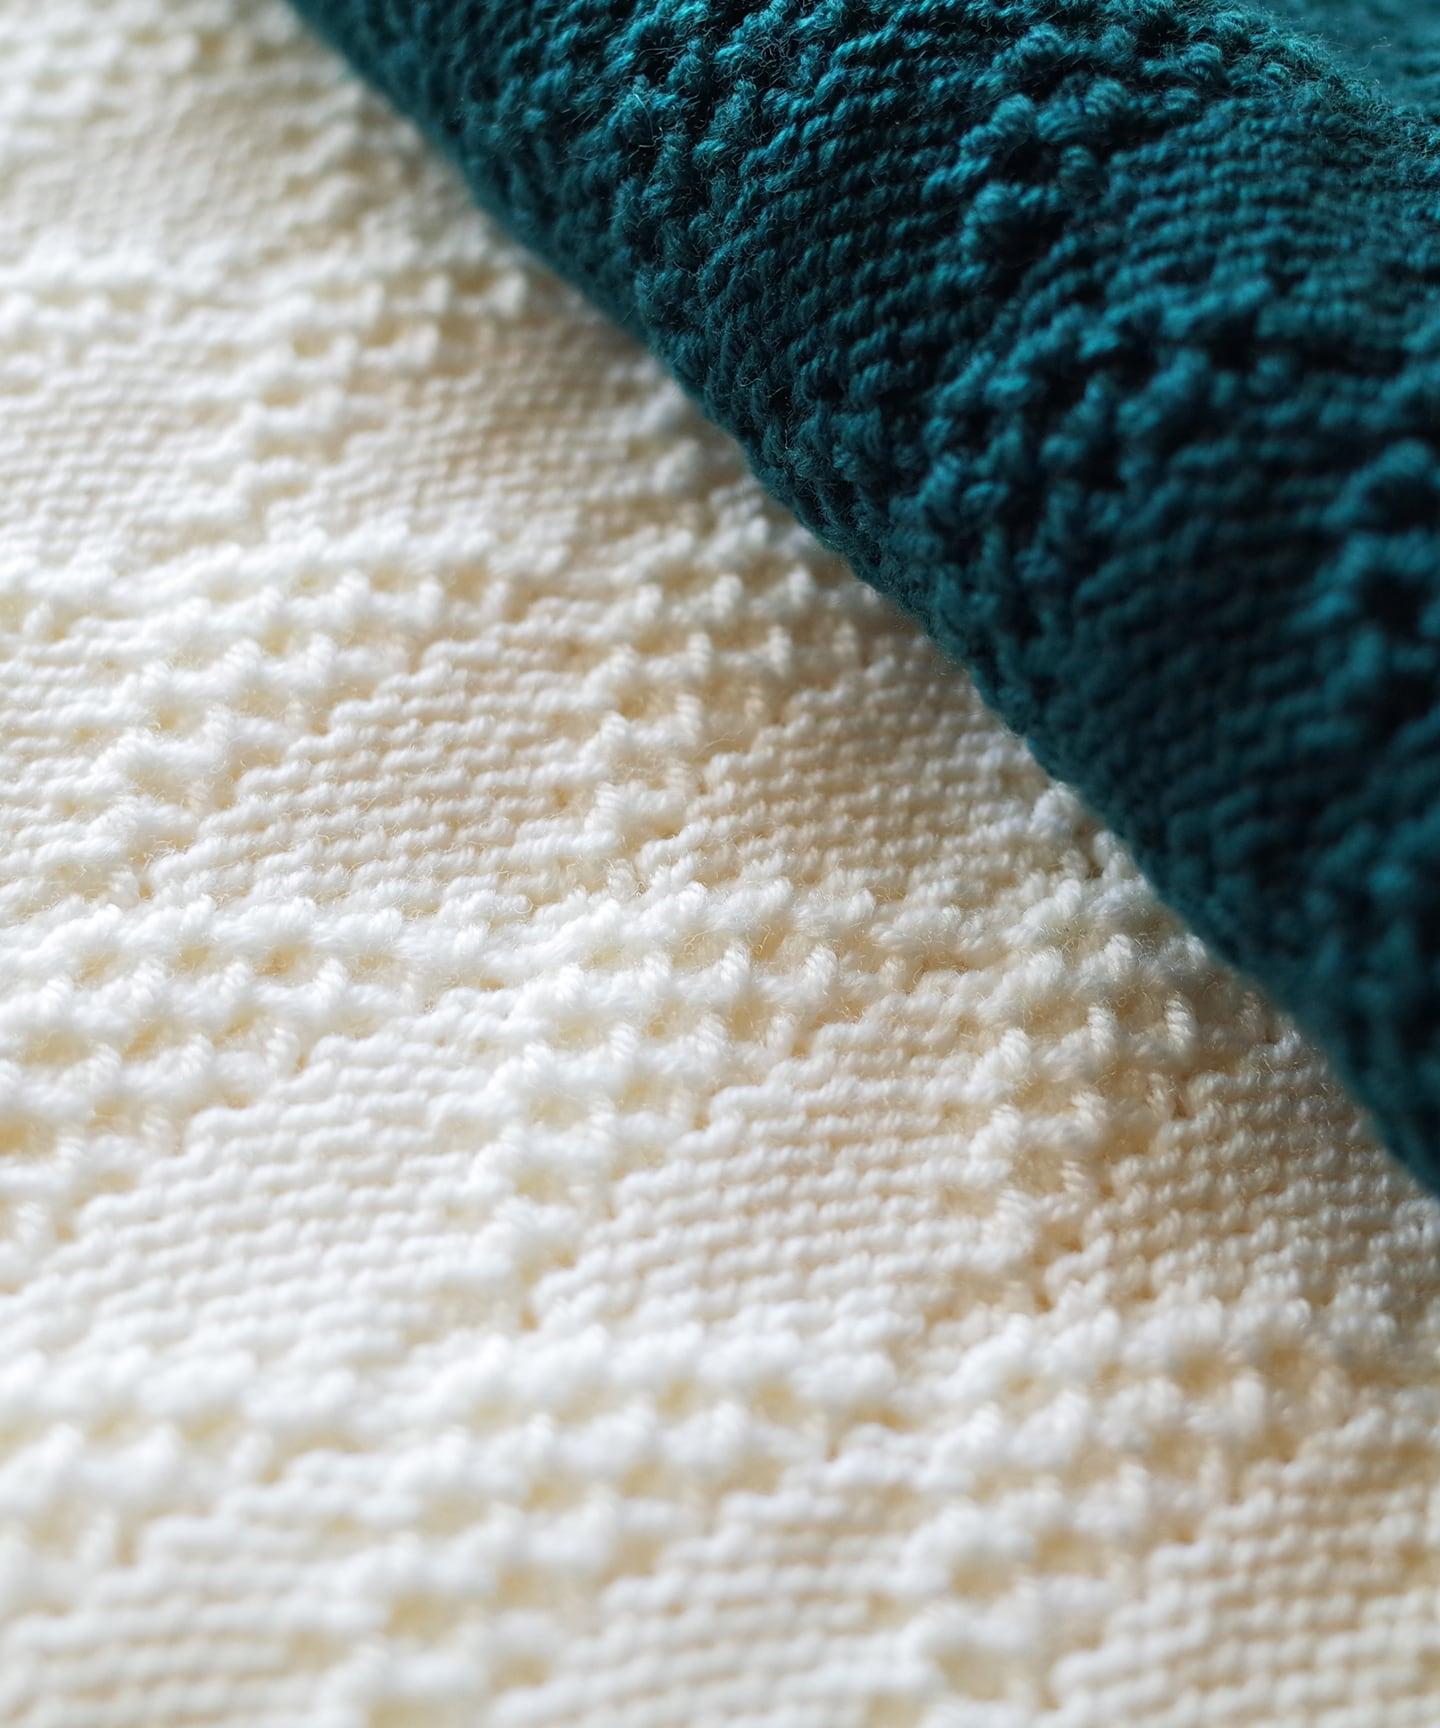 【予約販売】手編み機で編んだウール糸(NO.1)のおくるみ (WOA-050)